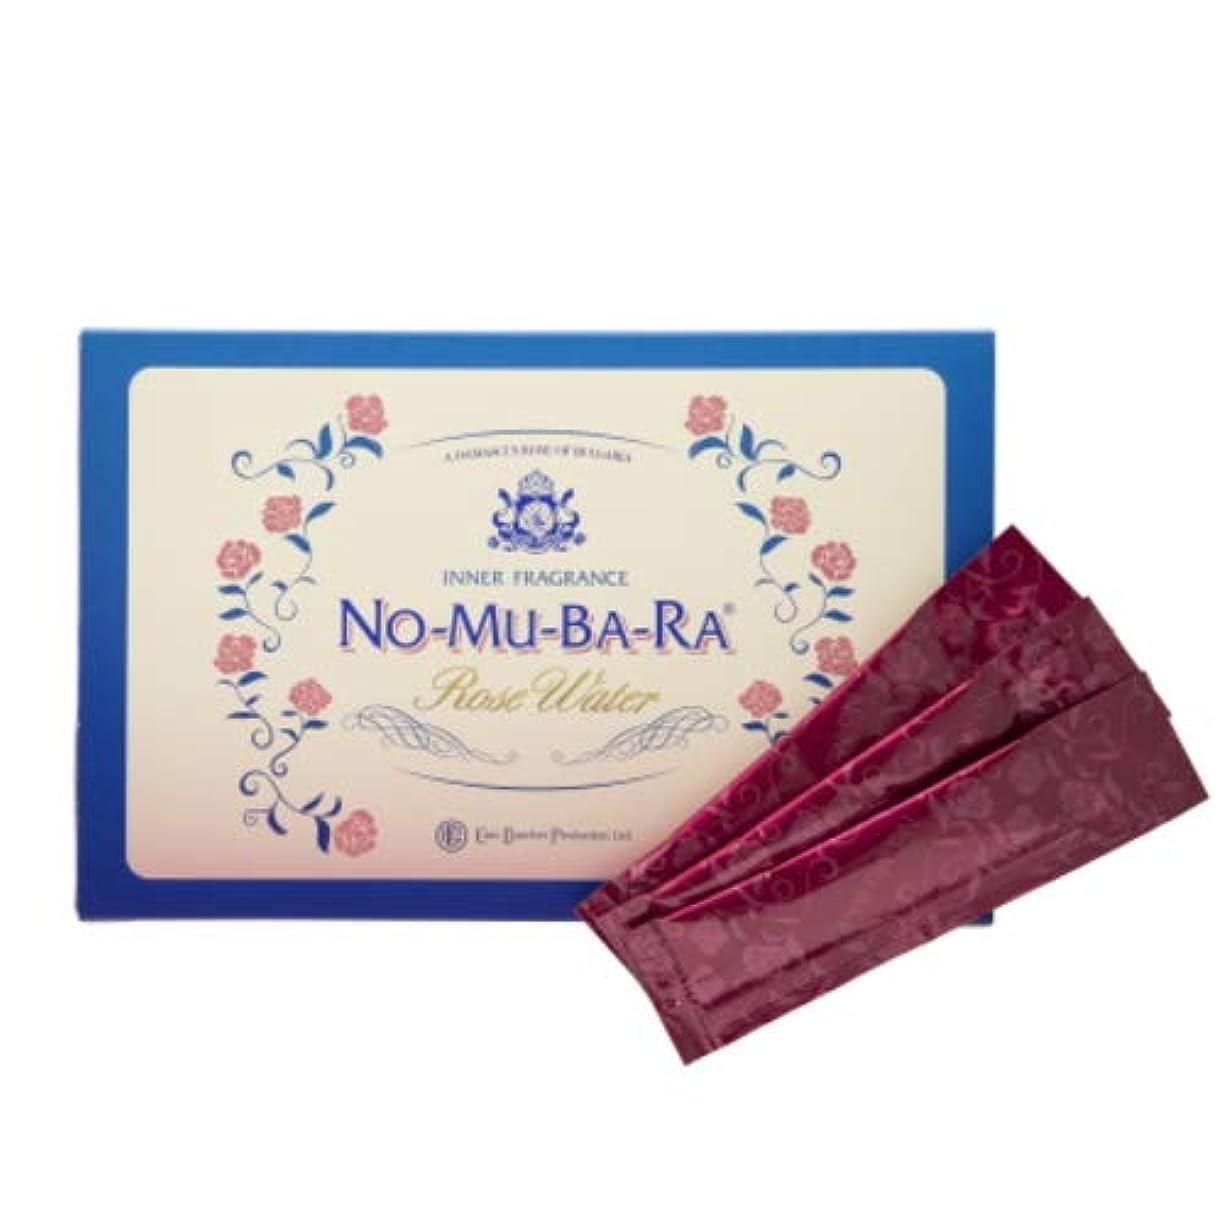 クーポンお別れ怖いNO-MU-BA-RA NO-MU-BA-RA(ノムバラ)(35包入)【モンドセレクション受賞】